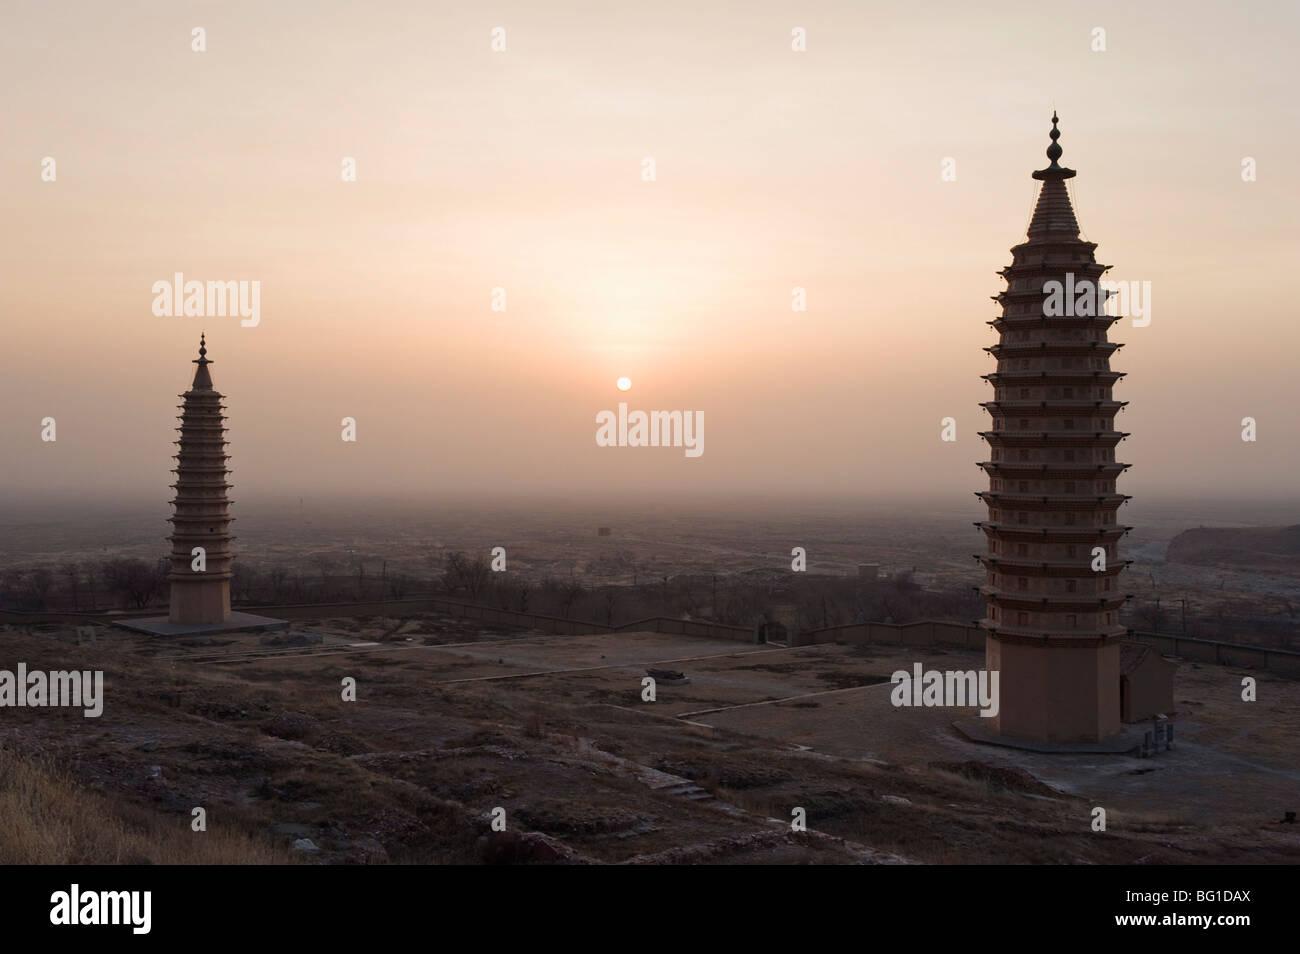 Lits 1 pagodes de Baishikou près de Yinchuan, Ningxia Province, China, Asia Banque D'Images